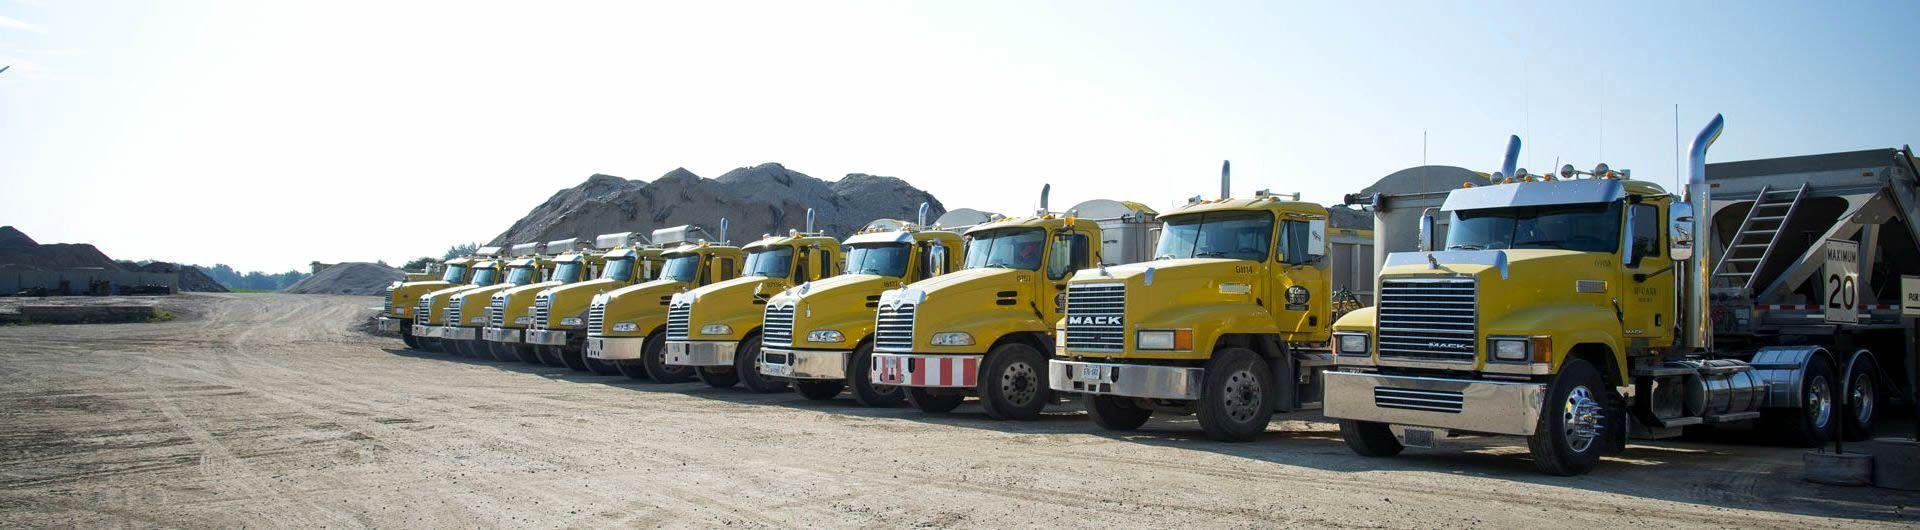 fleet of gravel trucks